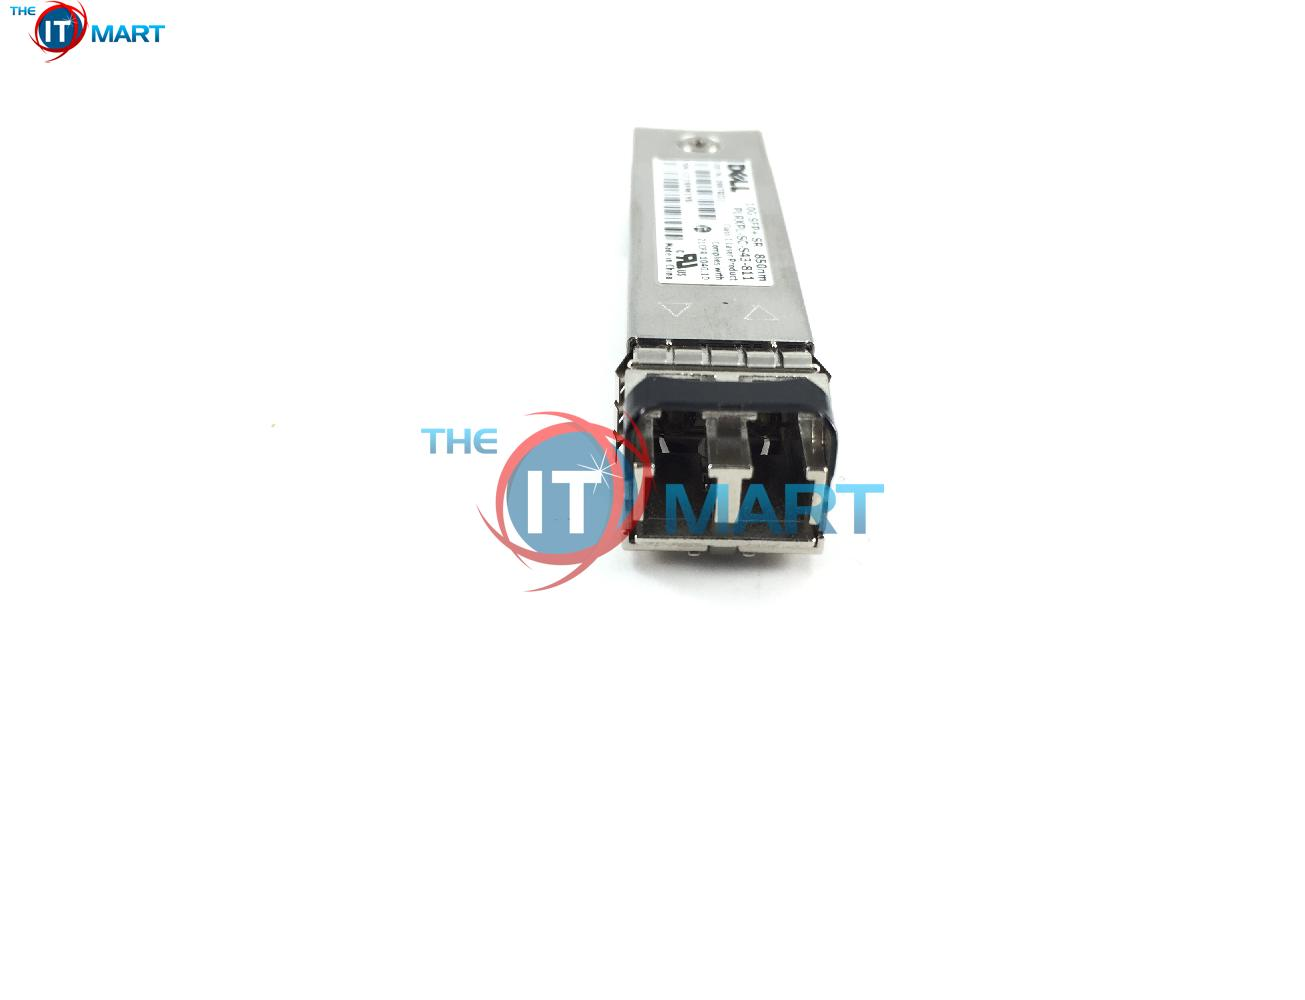 DELL PLRXPL-SC-S43-811 10G SFP SR 850NM TRANSCEIVER (WTRD1)